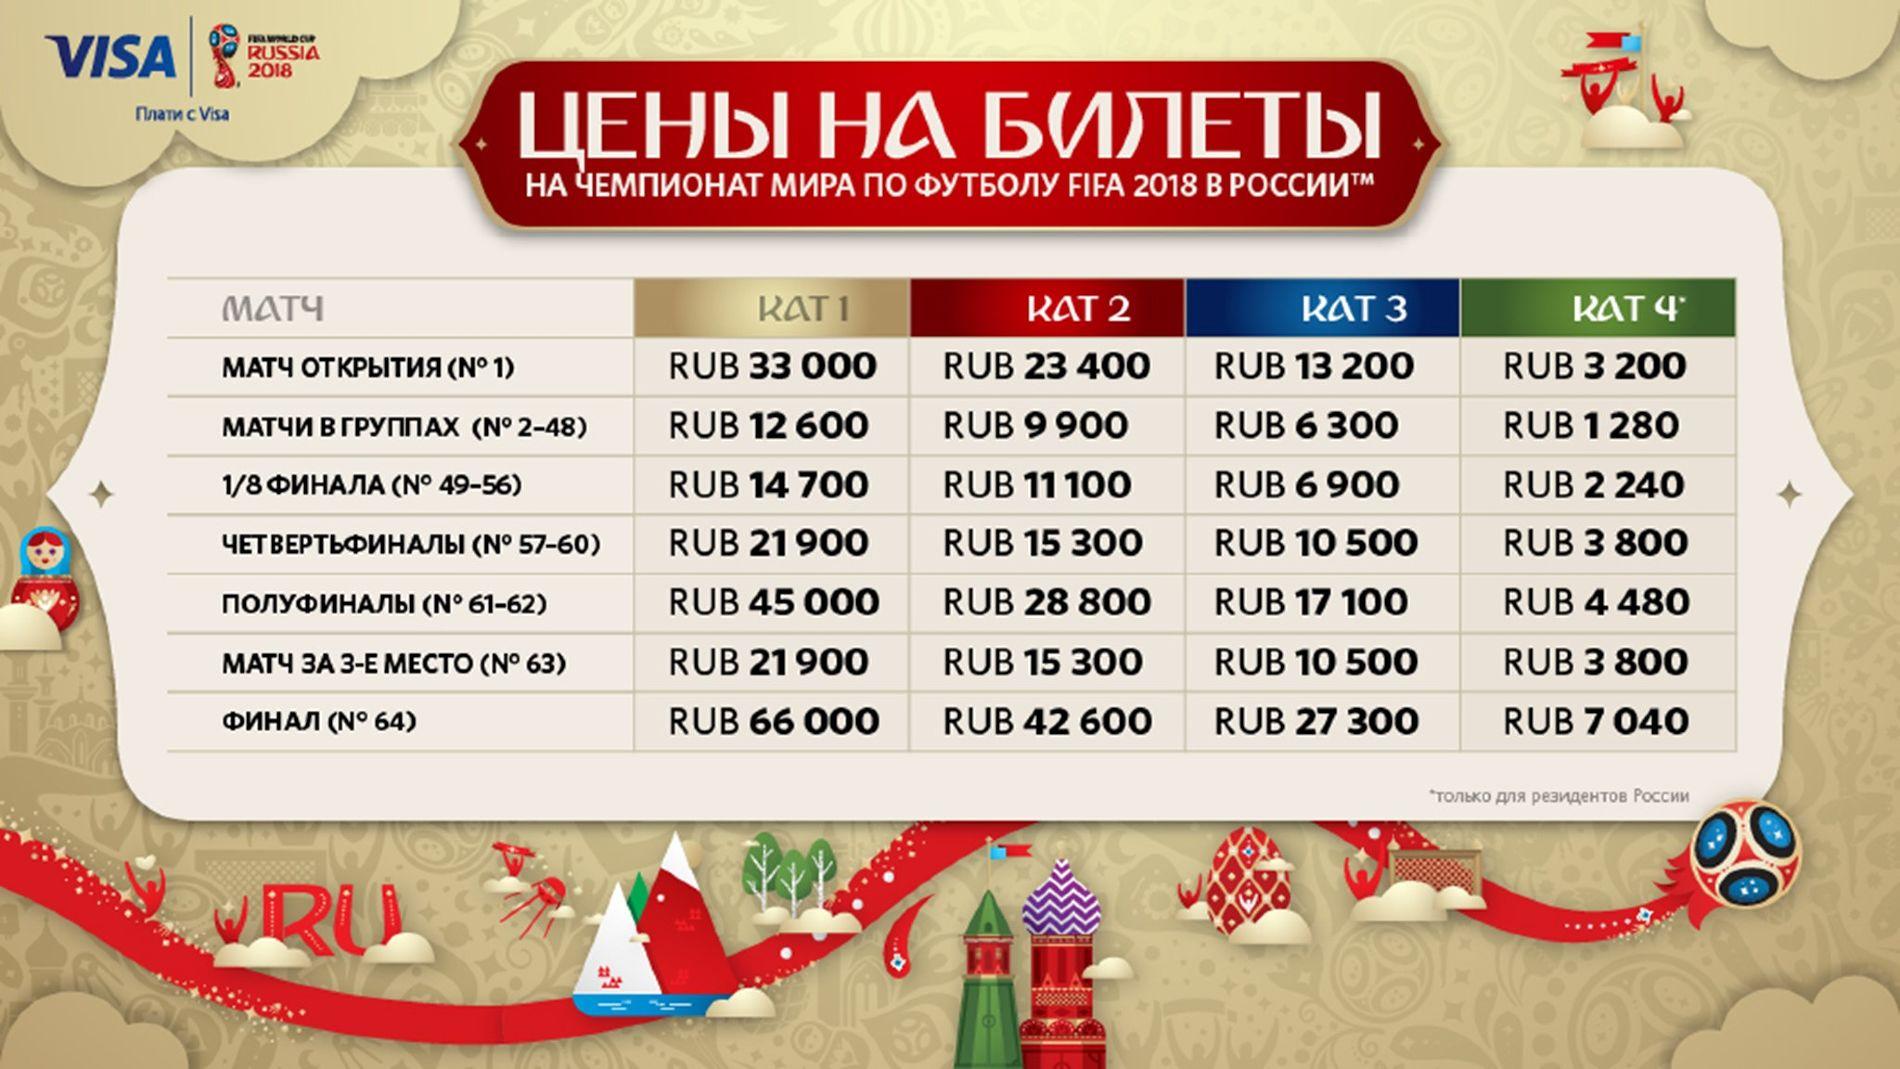 Цены на билеты ©Фото с сайта ru.fifa.com